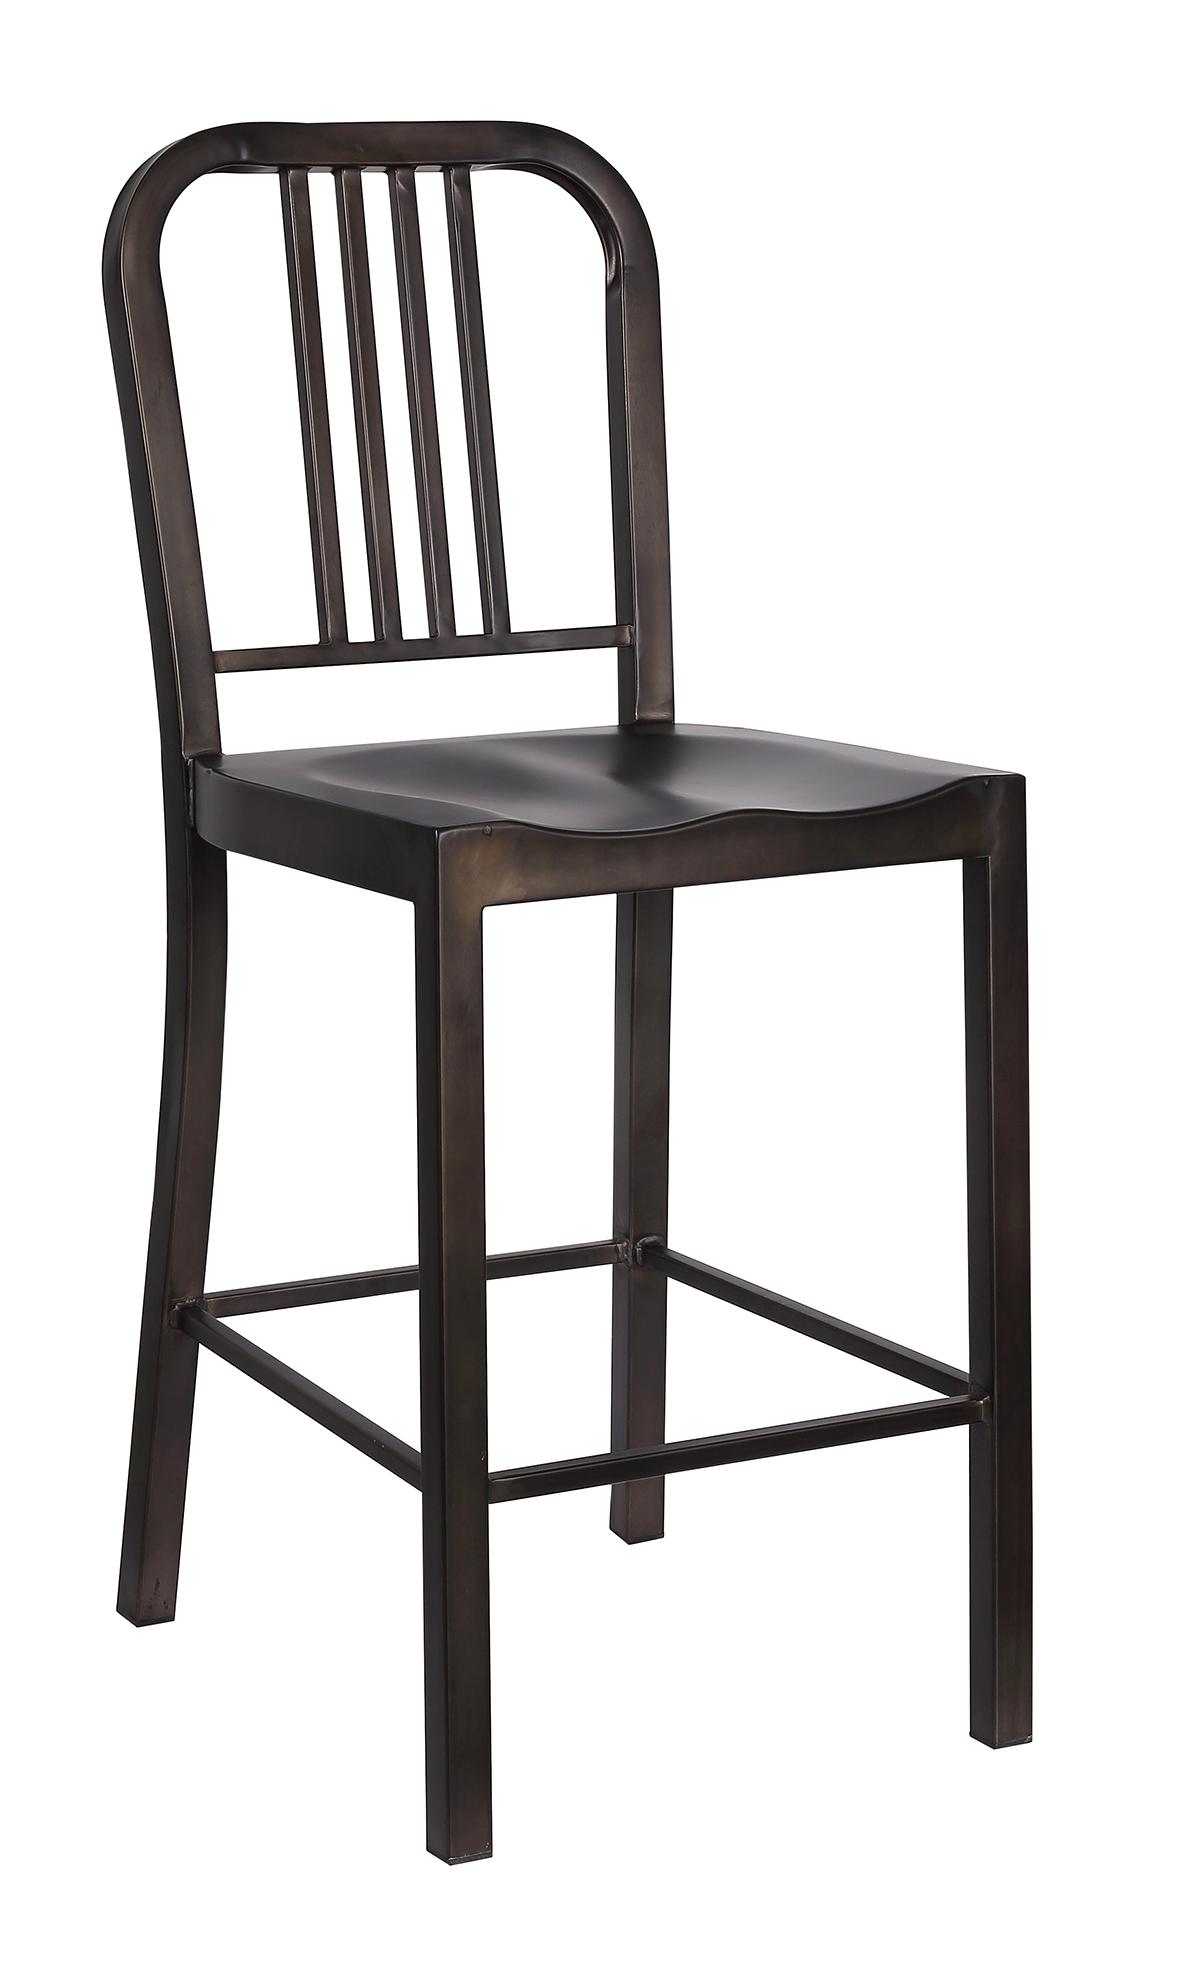 Keno furniture